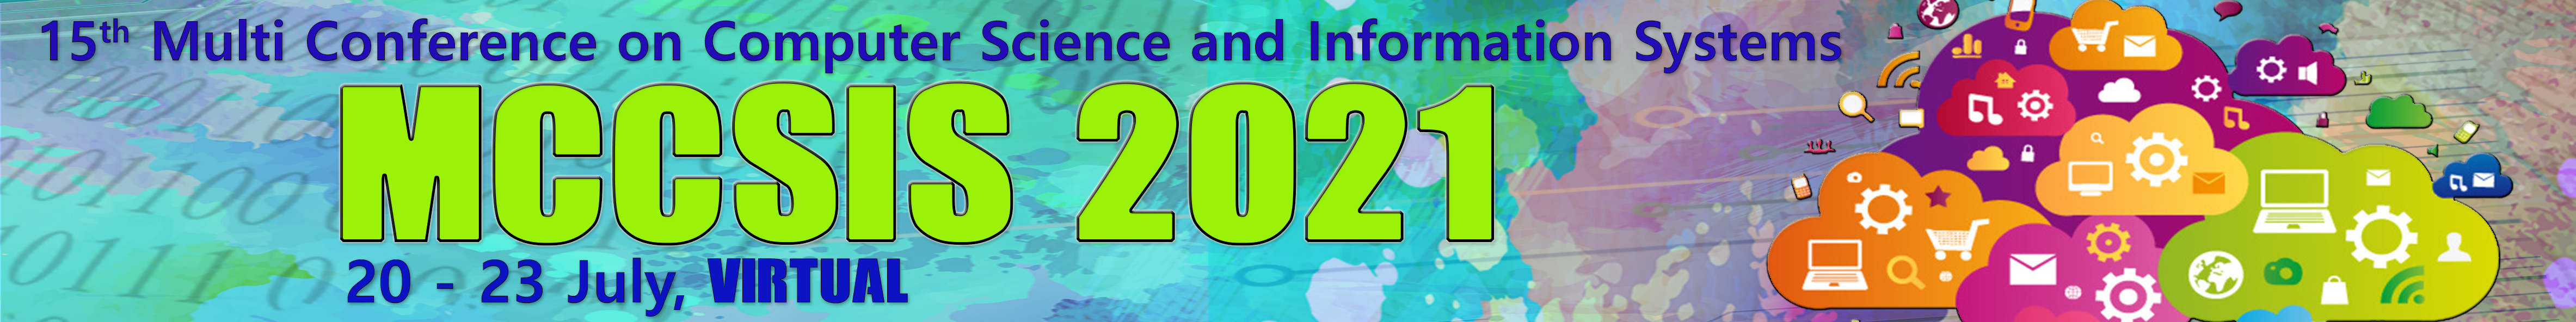 MCCSIS 2021